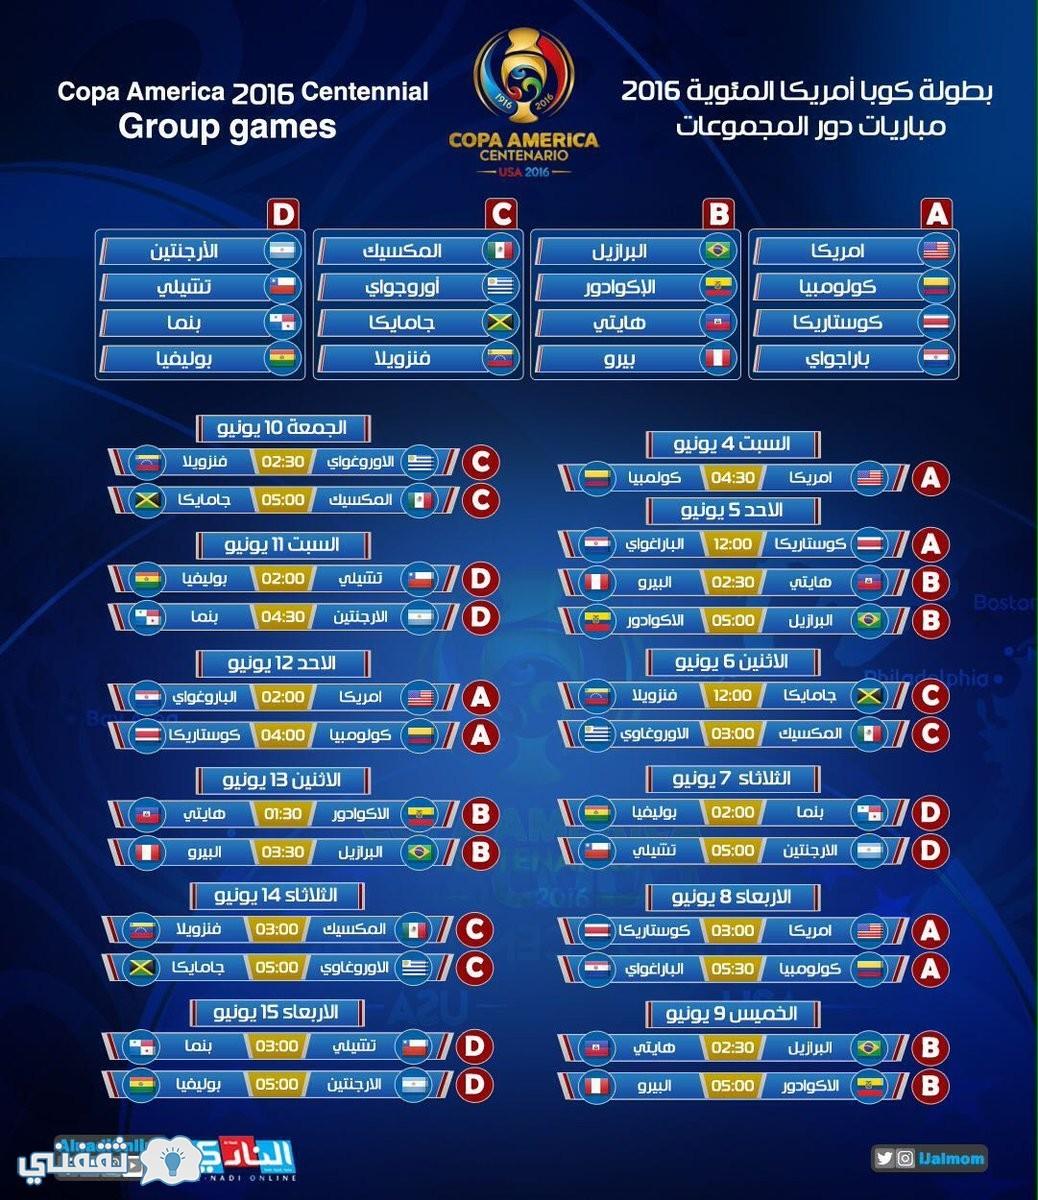 جدول مواعيد الدور الأول من بطولة كوبا أمريكا 2016